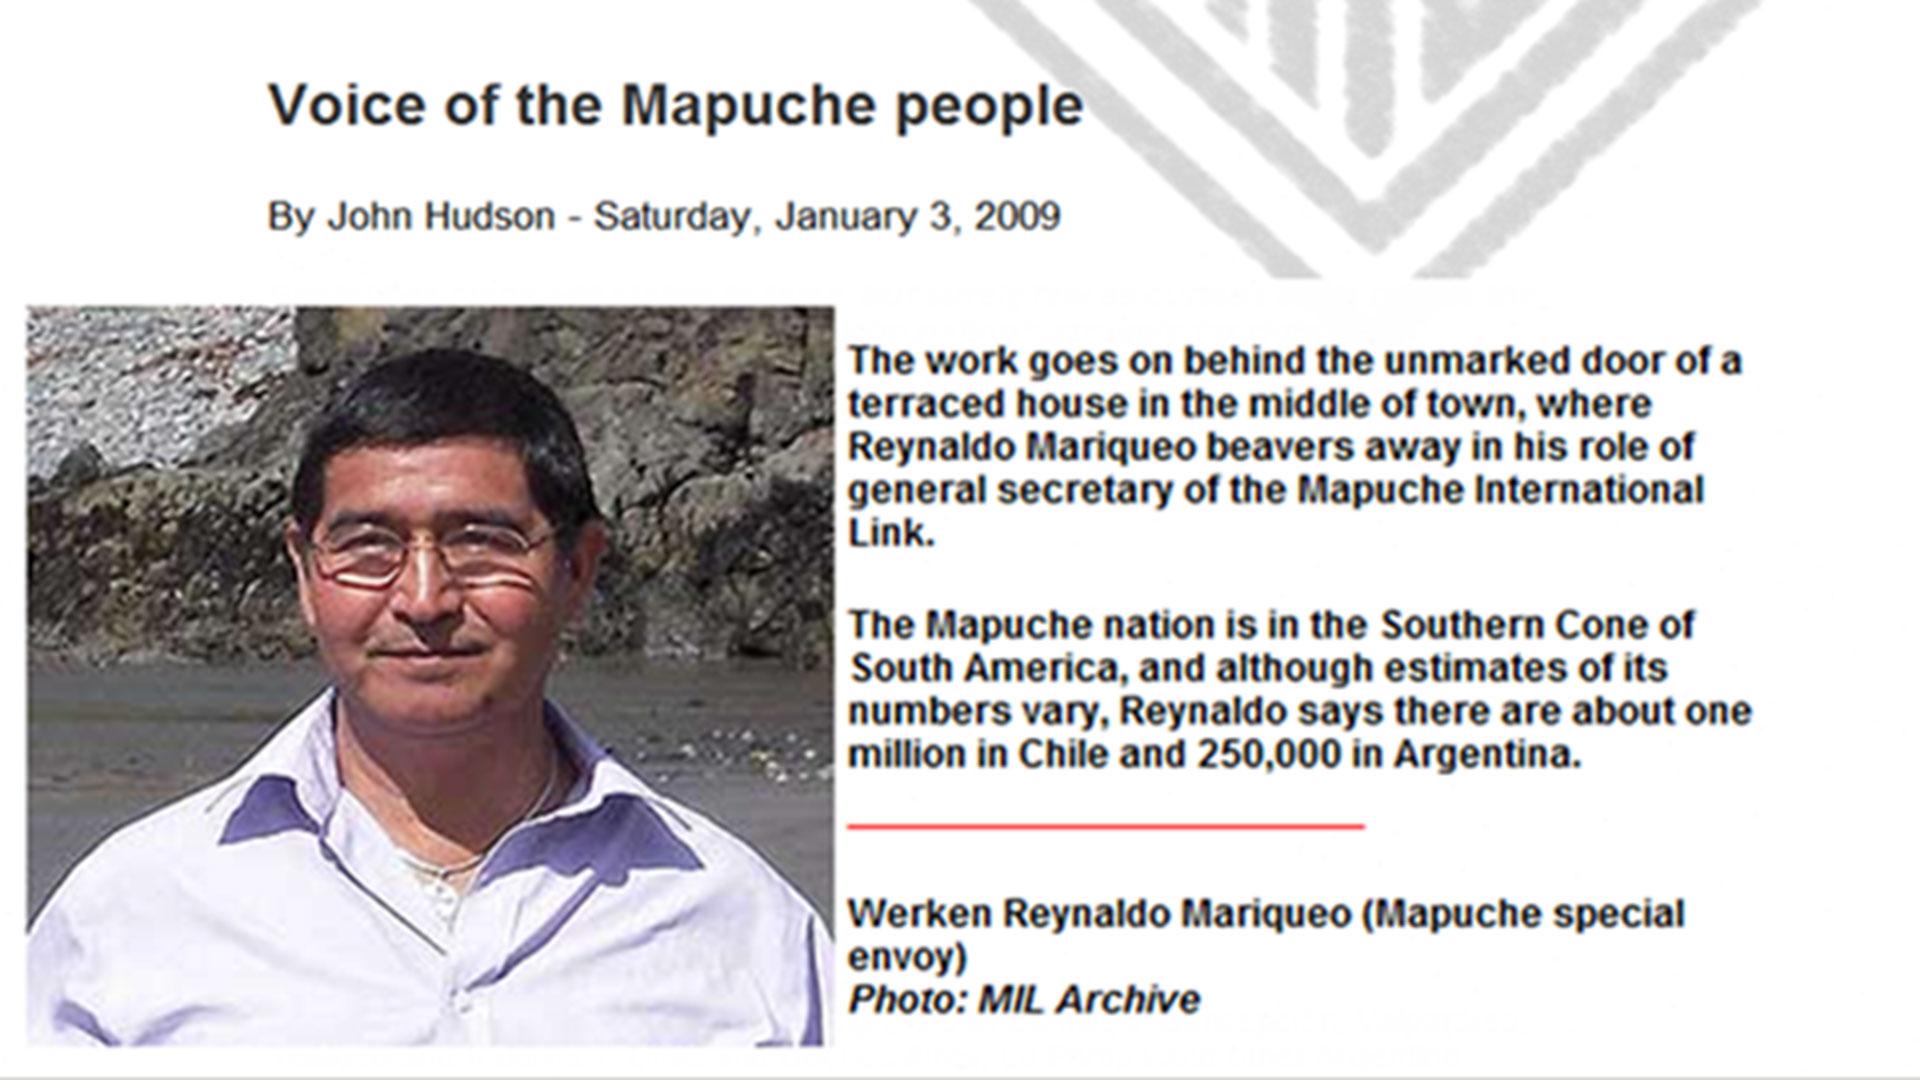 Reynaldo Mariqueo, vocero del pueblo mapuche, reside en Bristol, Inglaterra